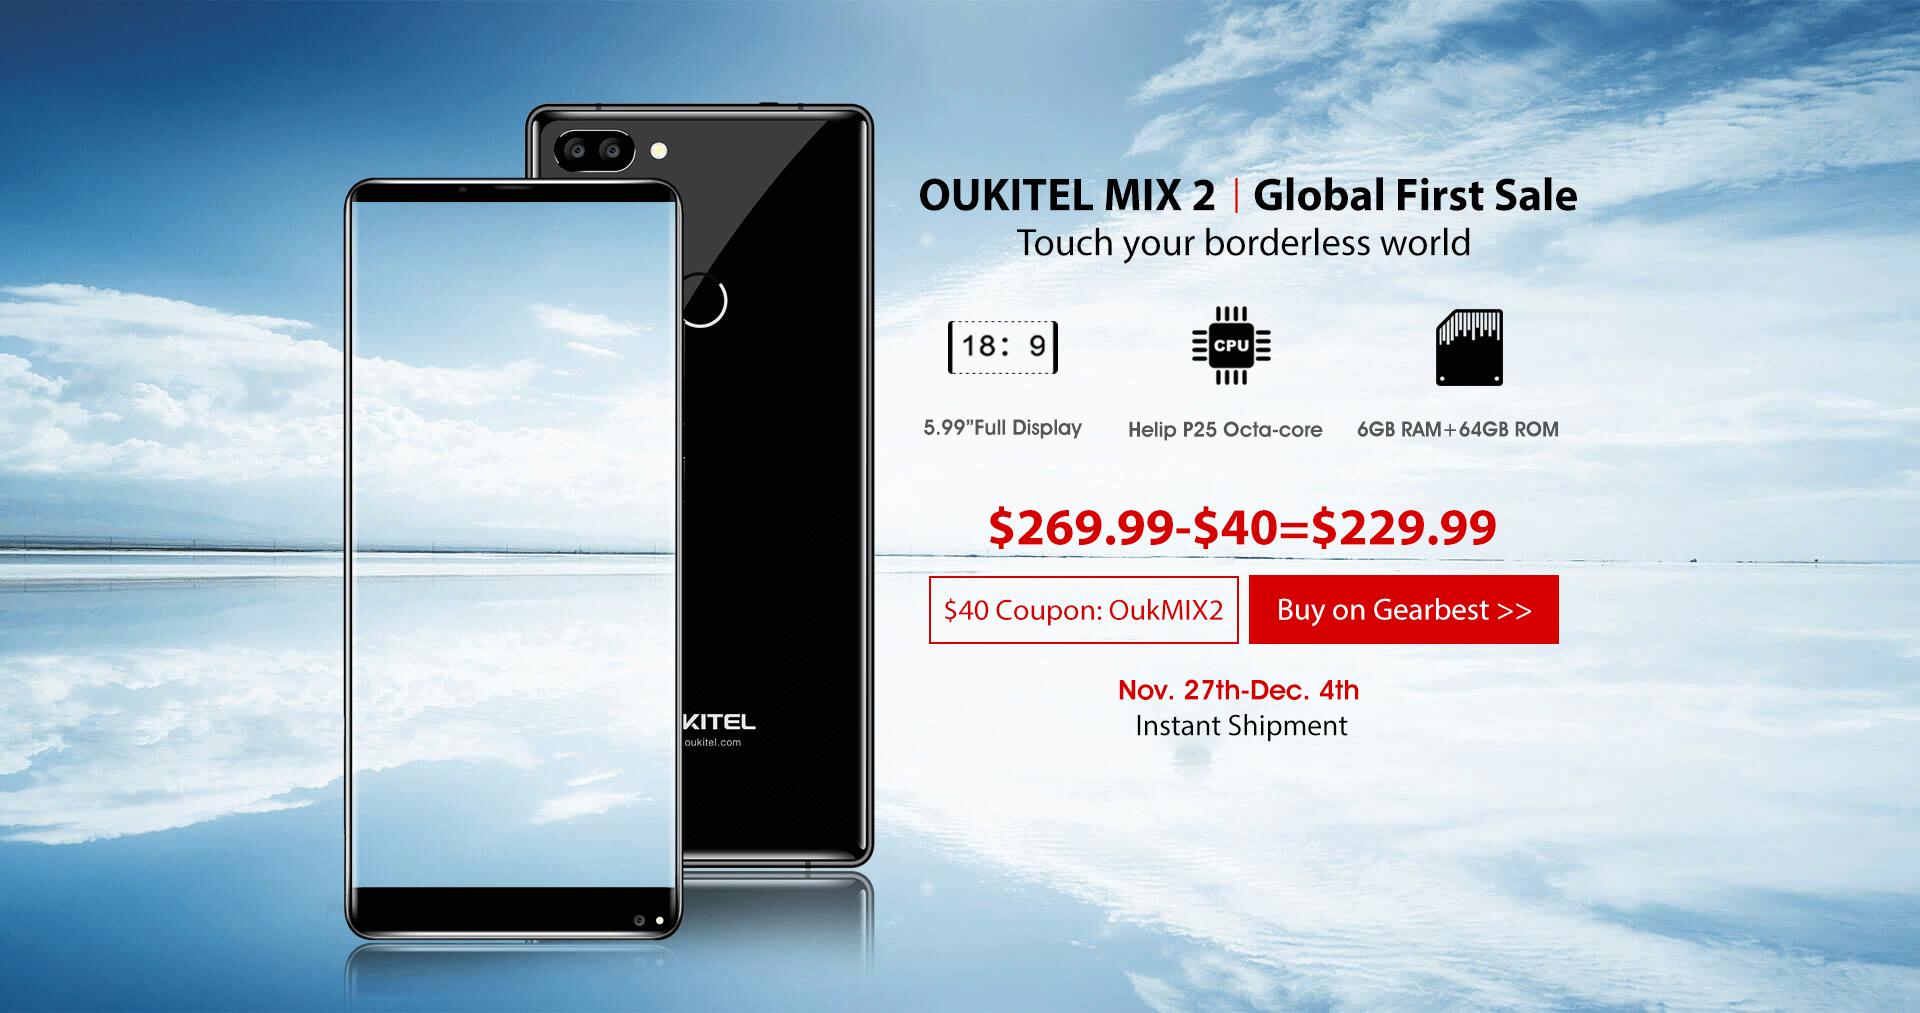 OUKITEL MIX 2 уже в продаже, купите его с большой скидкой!